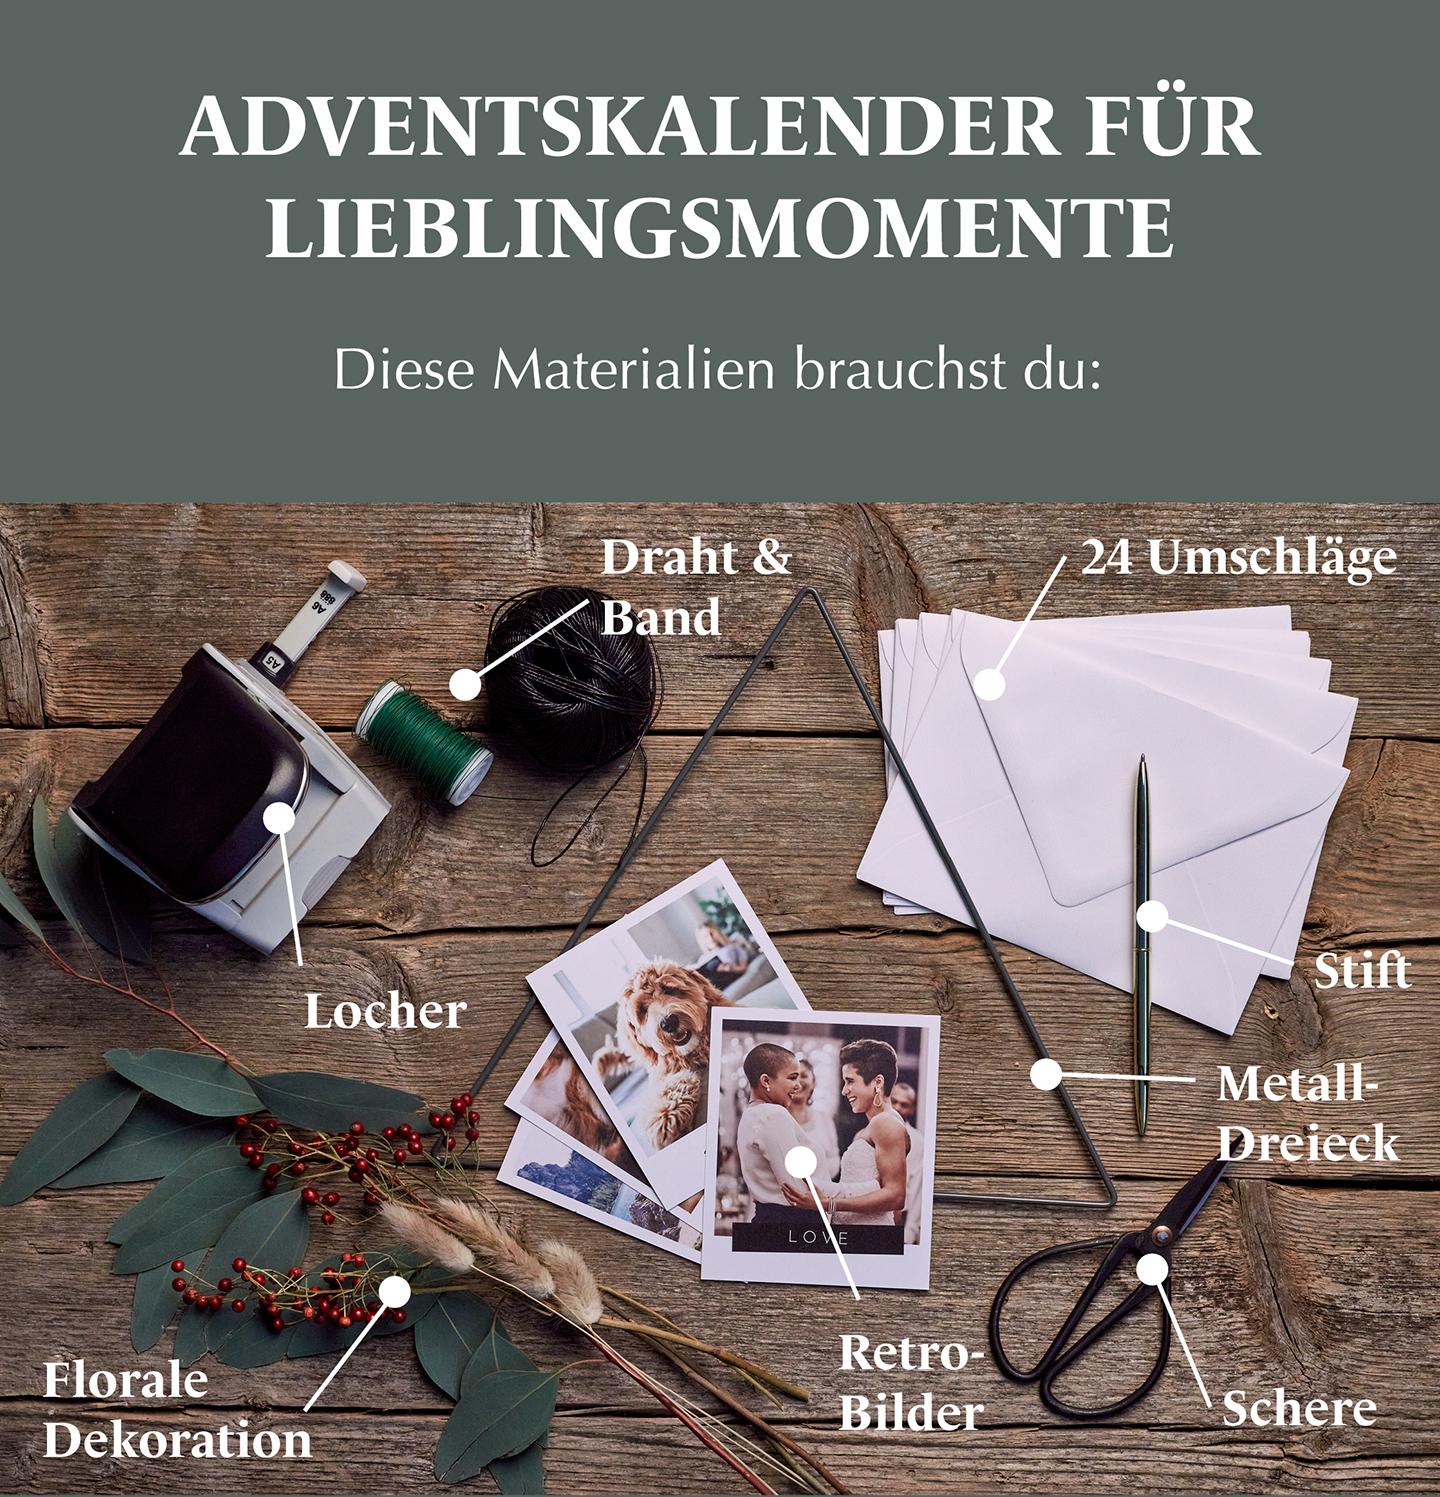 Materialien für Adventskalender selber basteln mit Retro Bildern